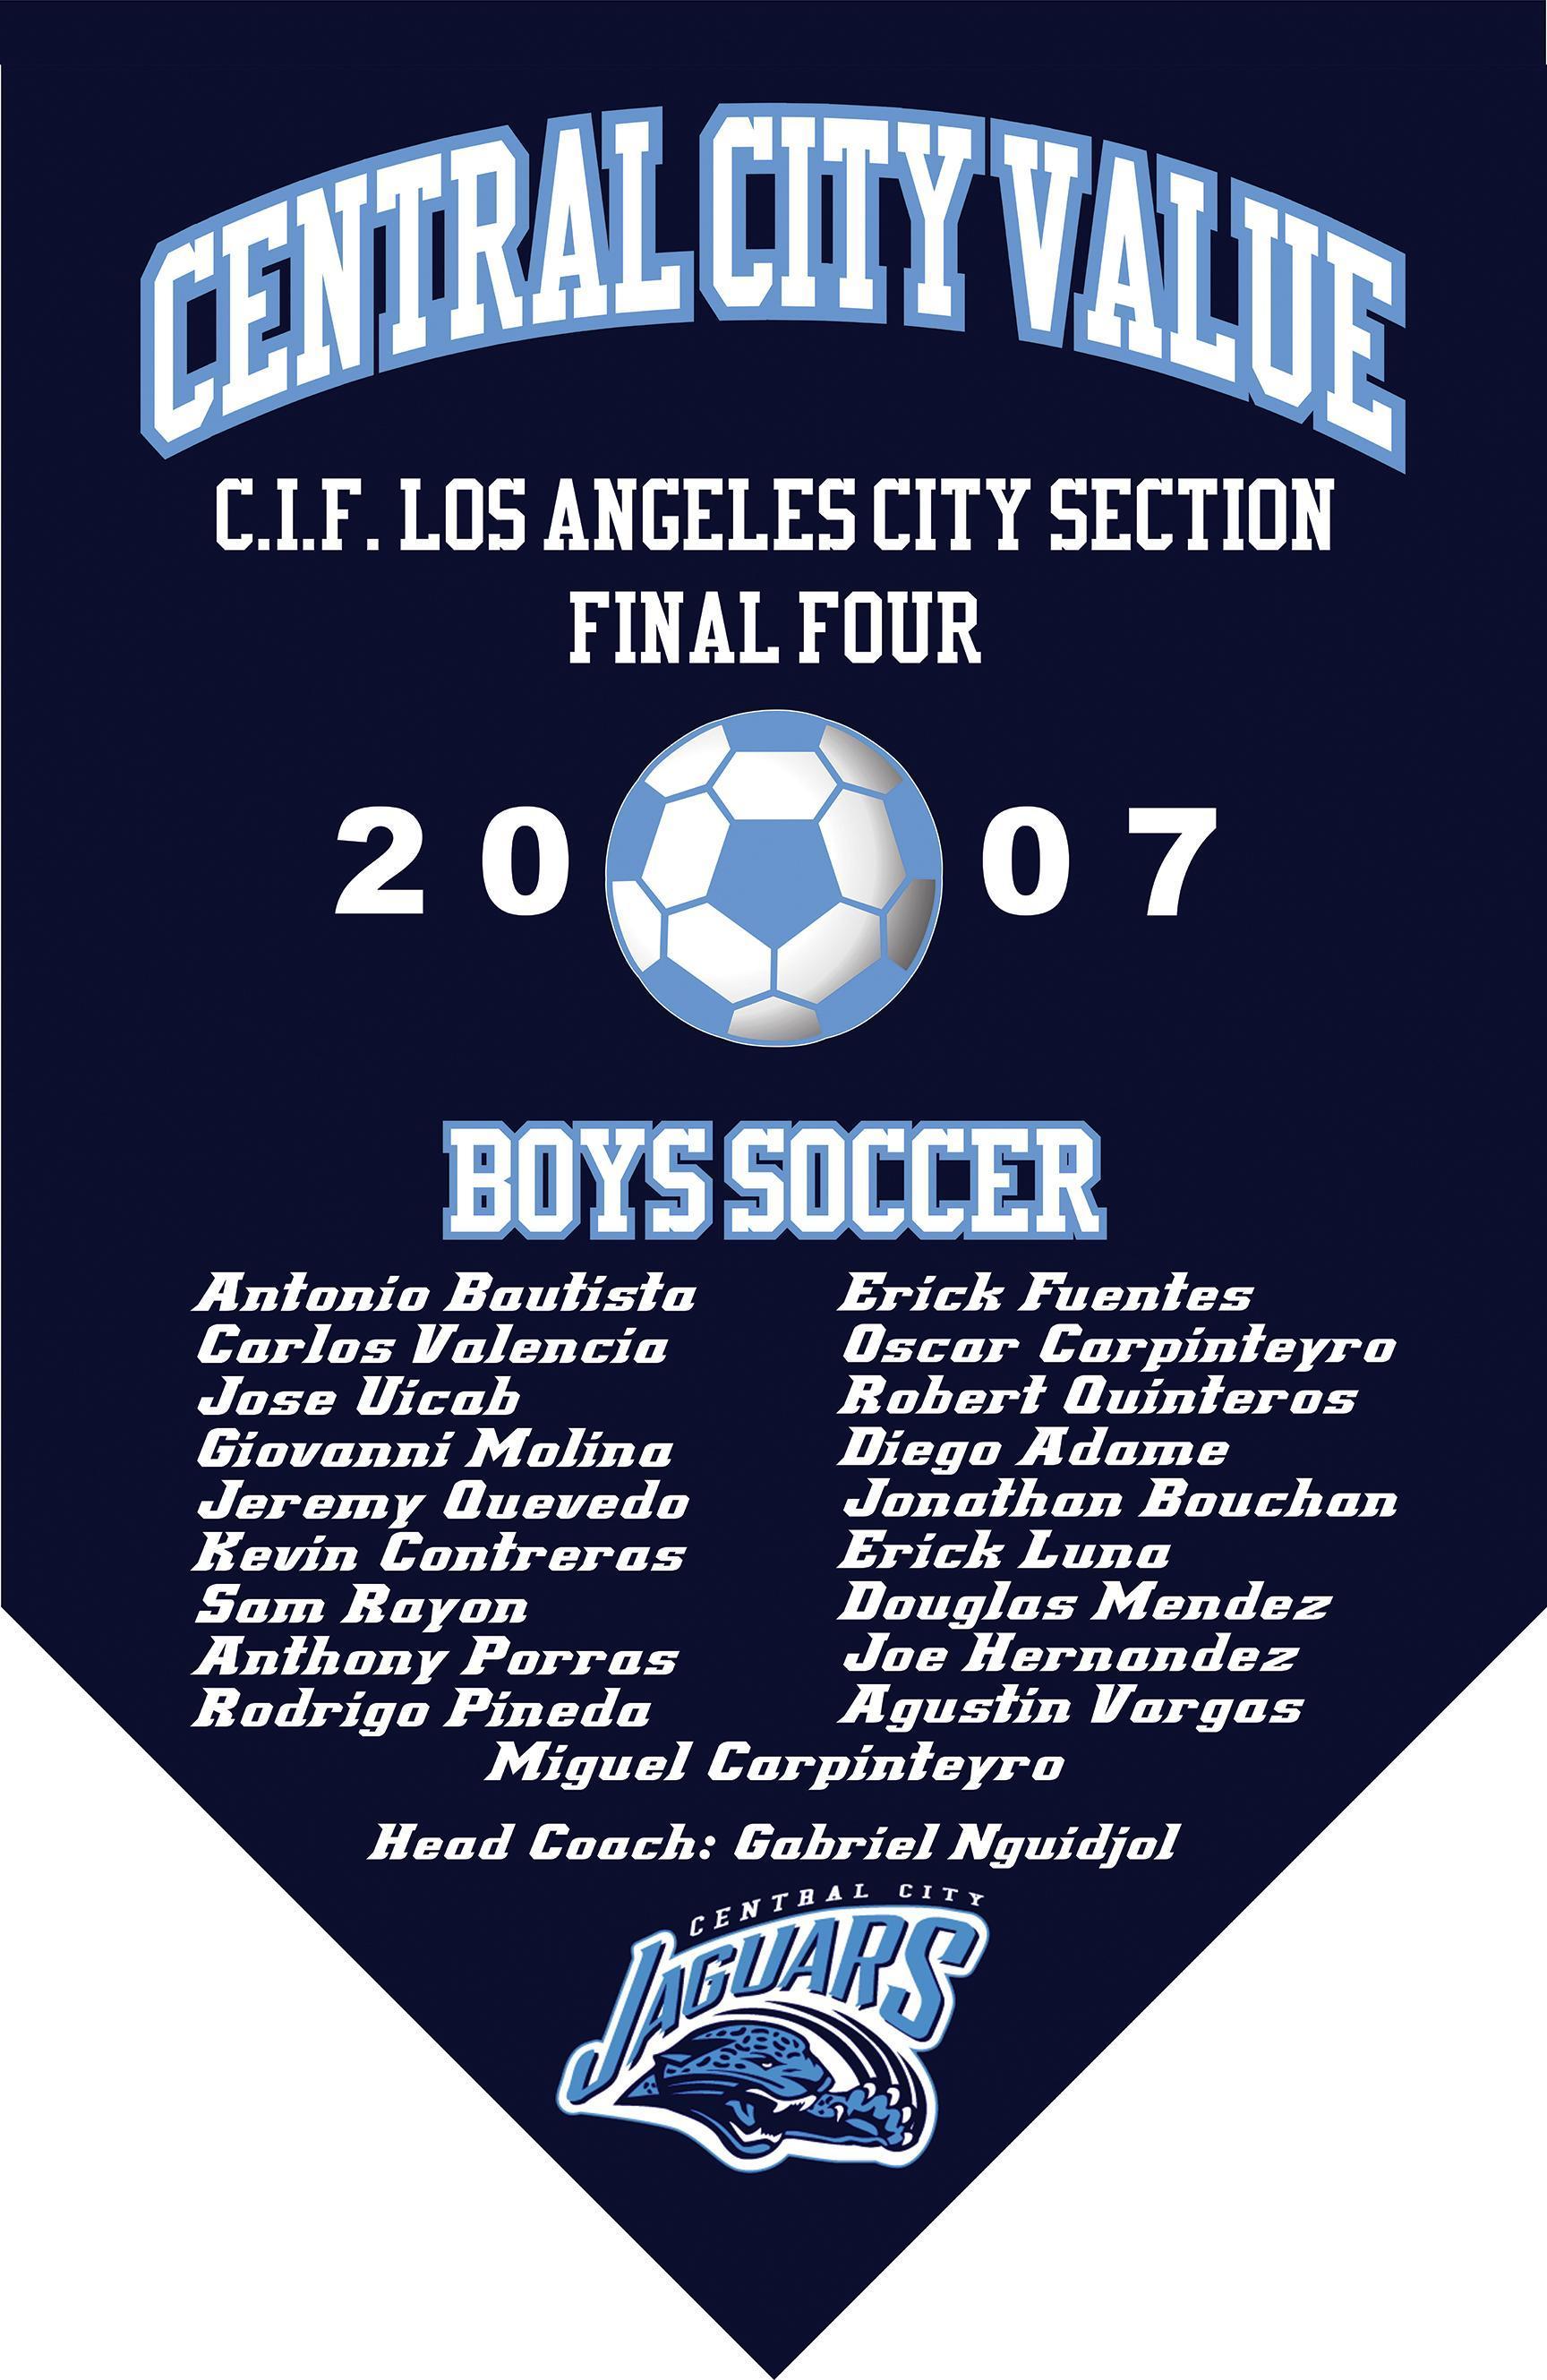 2007 Boys Soccer Final Four Banner